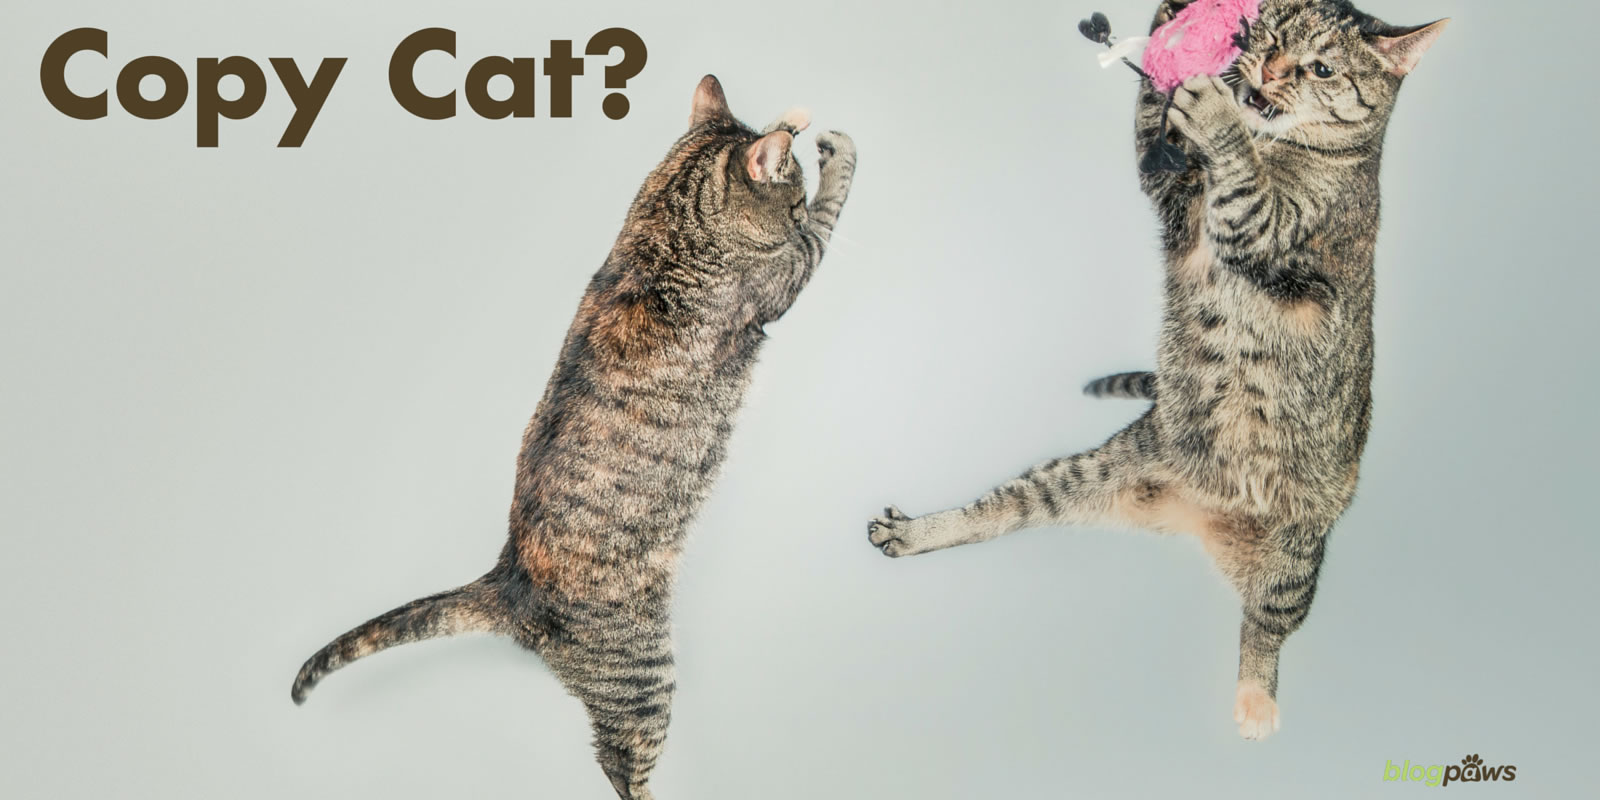 Copy Cat?